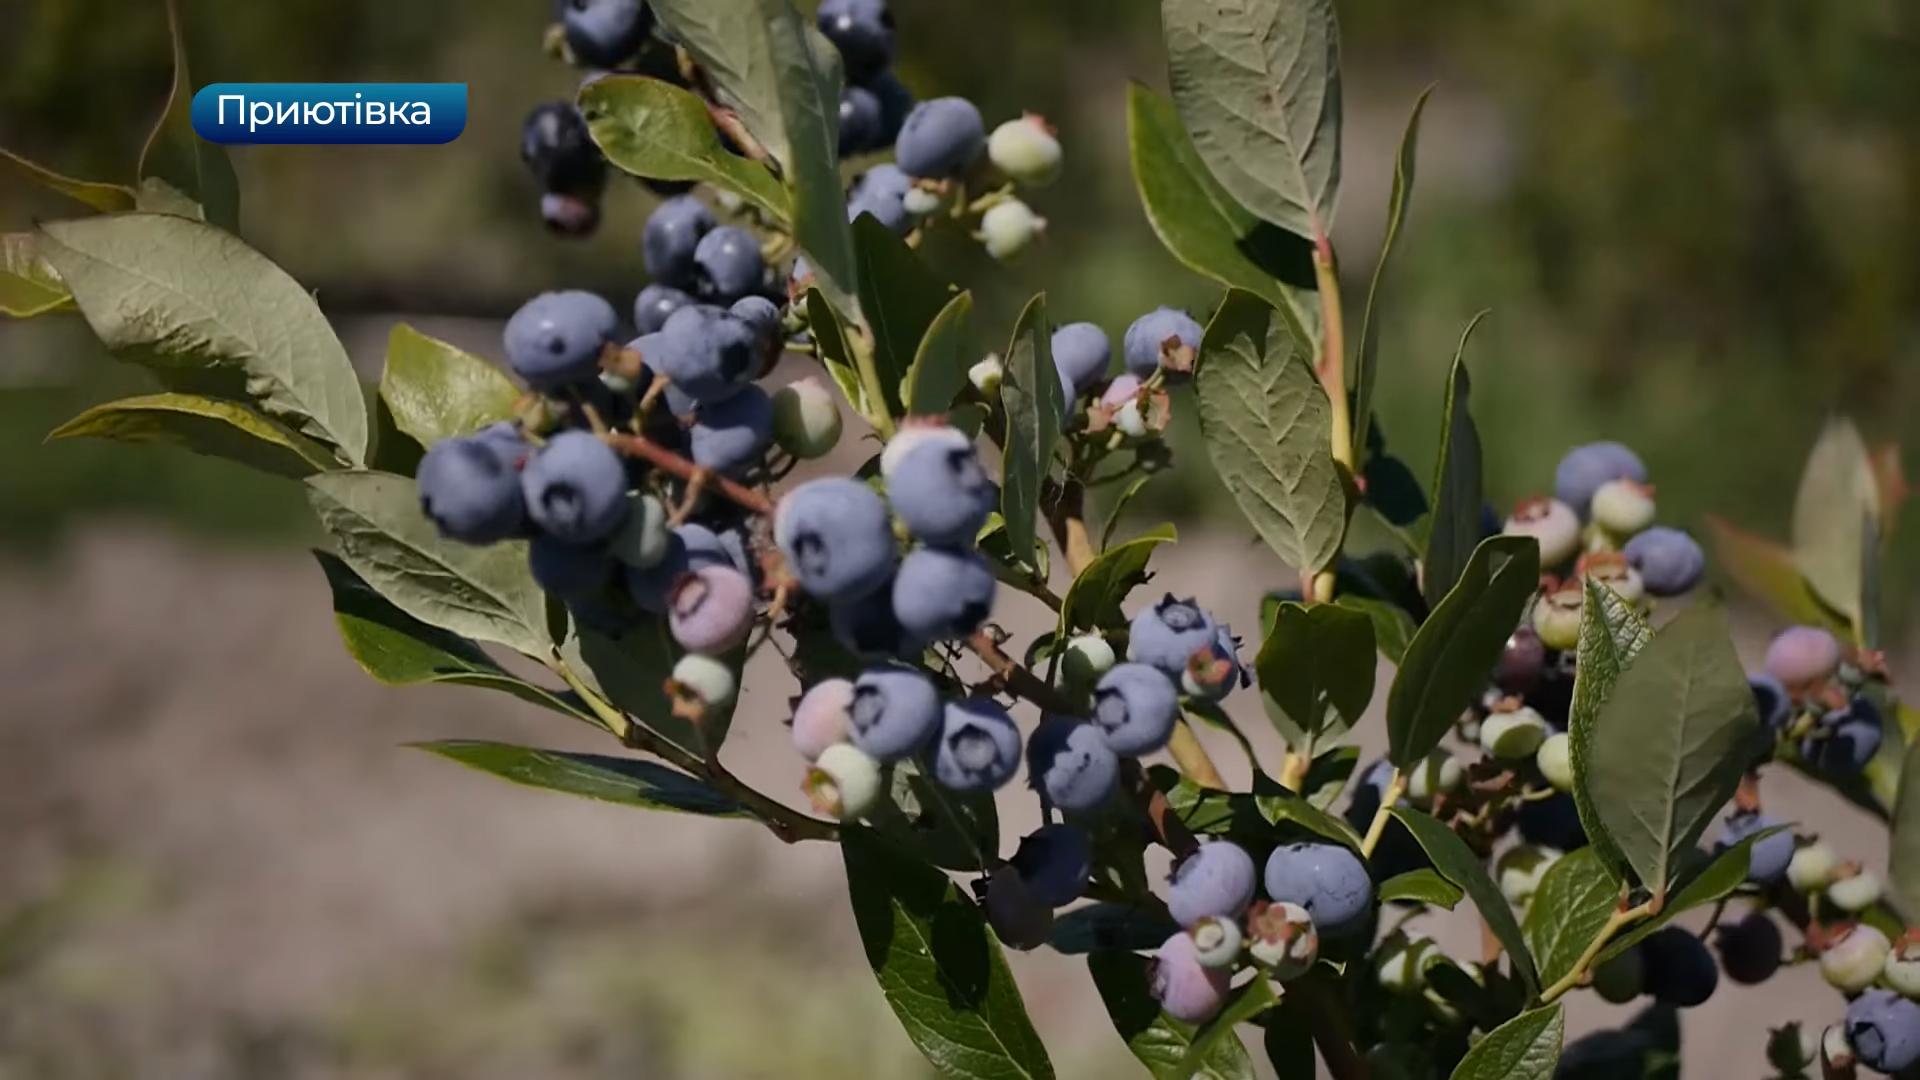 Телеканал Вітер: врожай лохини вже другий рік поспіль збирають у Приютівці